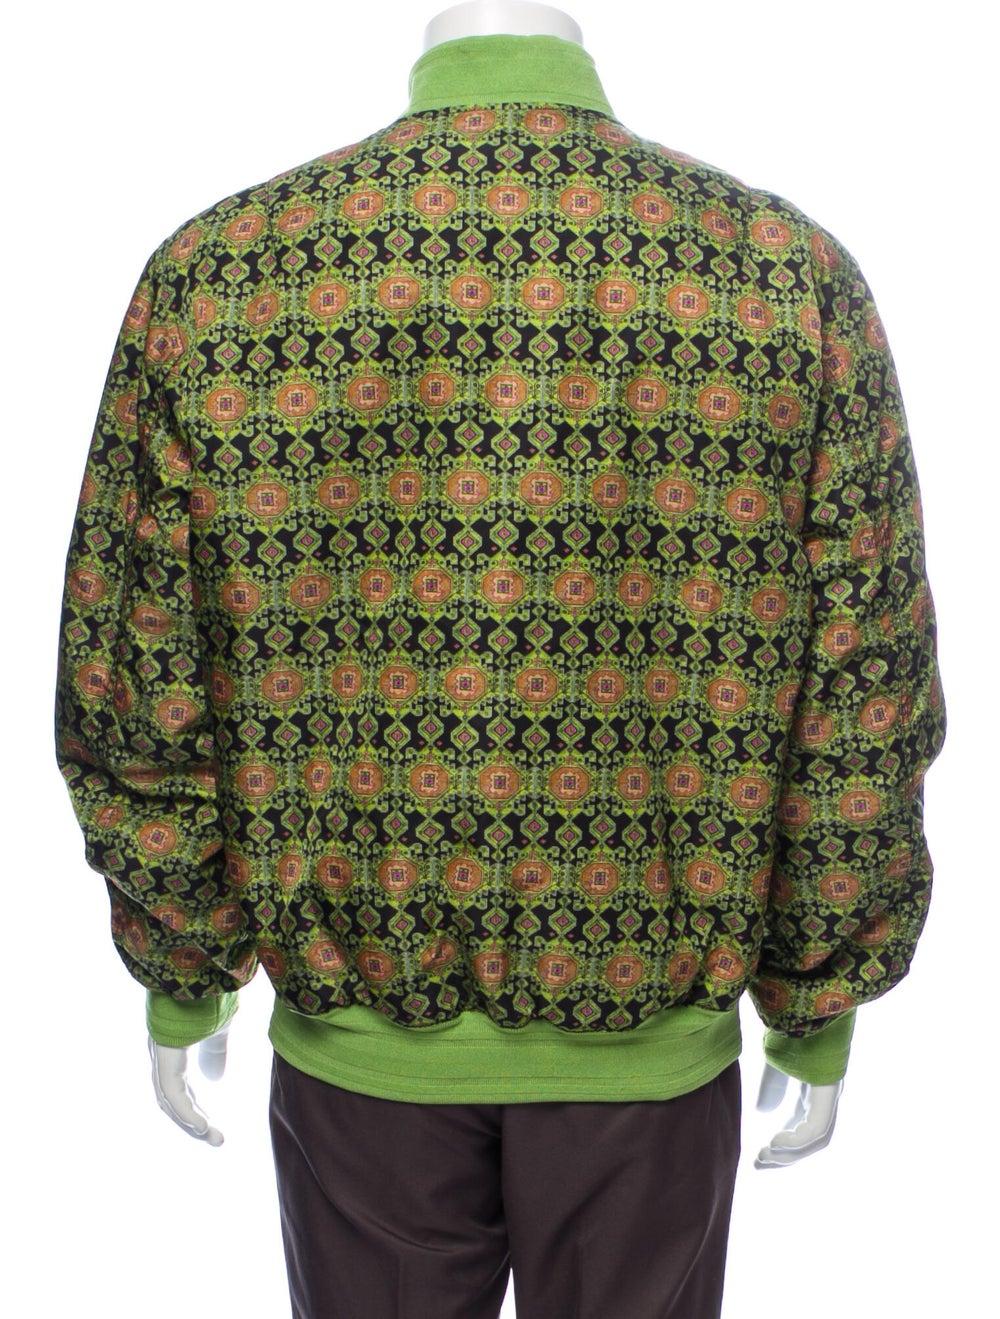 Givenchy Printed Bomber Jacket Green - image 3